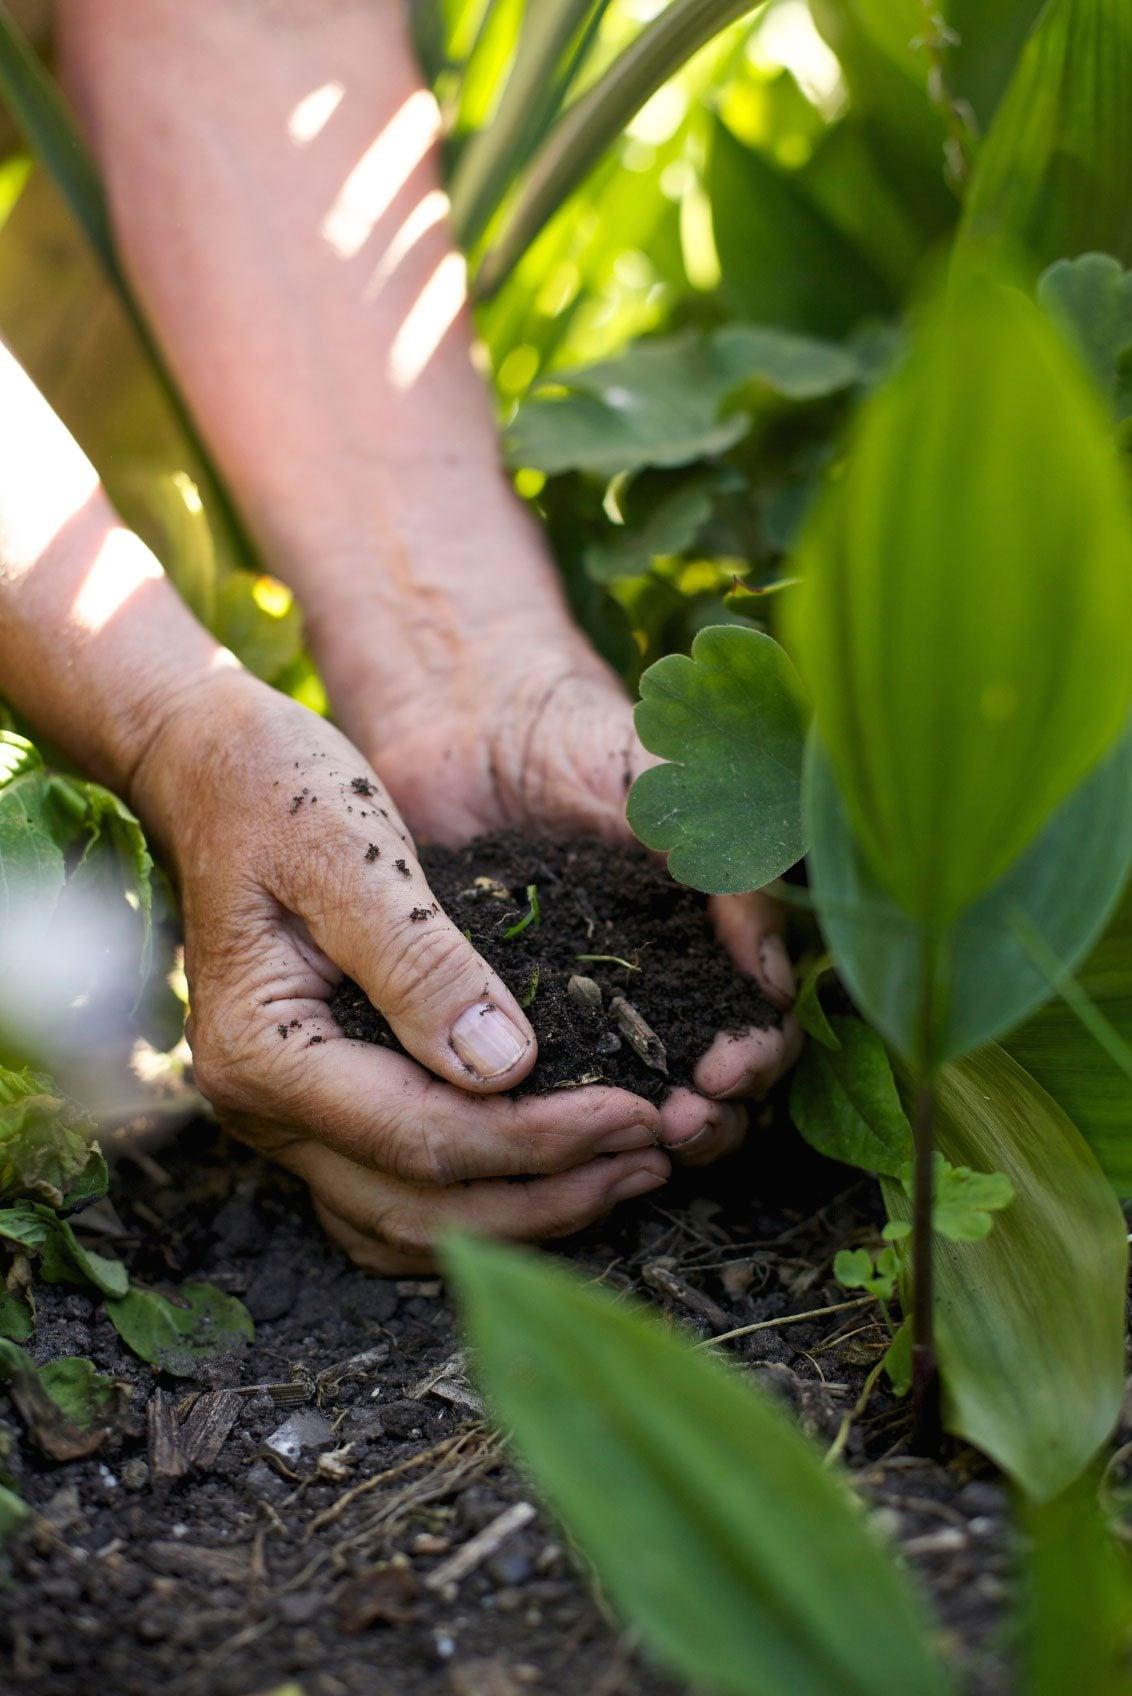 Best Soil For Growing Vegetables Soil Preparation For Your Vegetable Garden